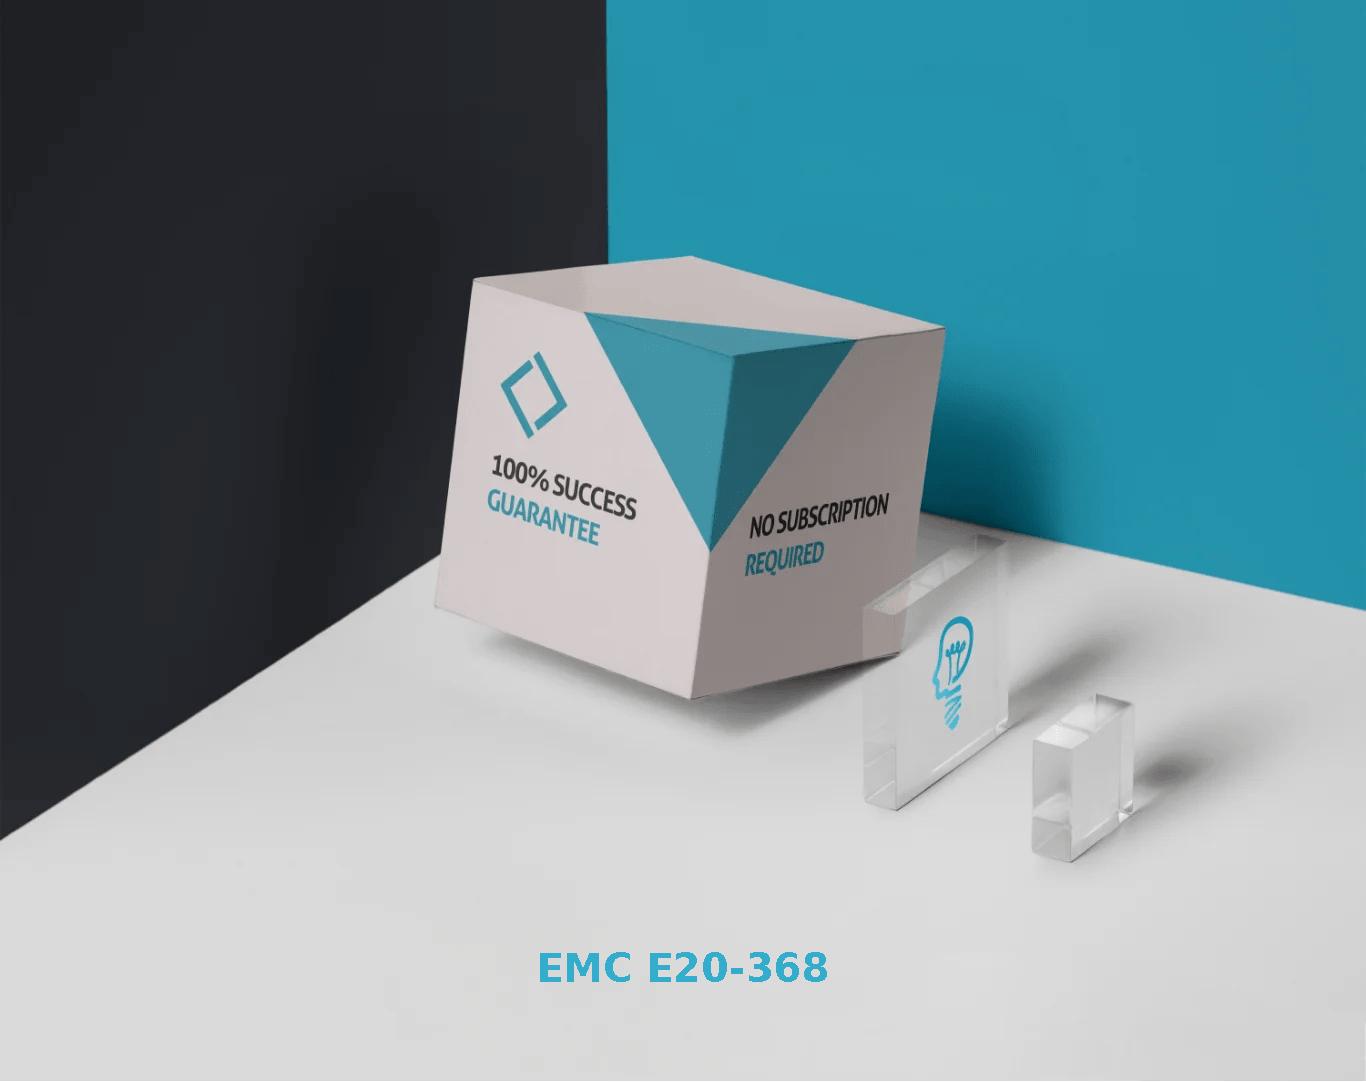 EMC E20-368 Exams